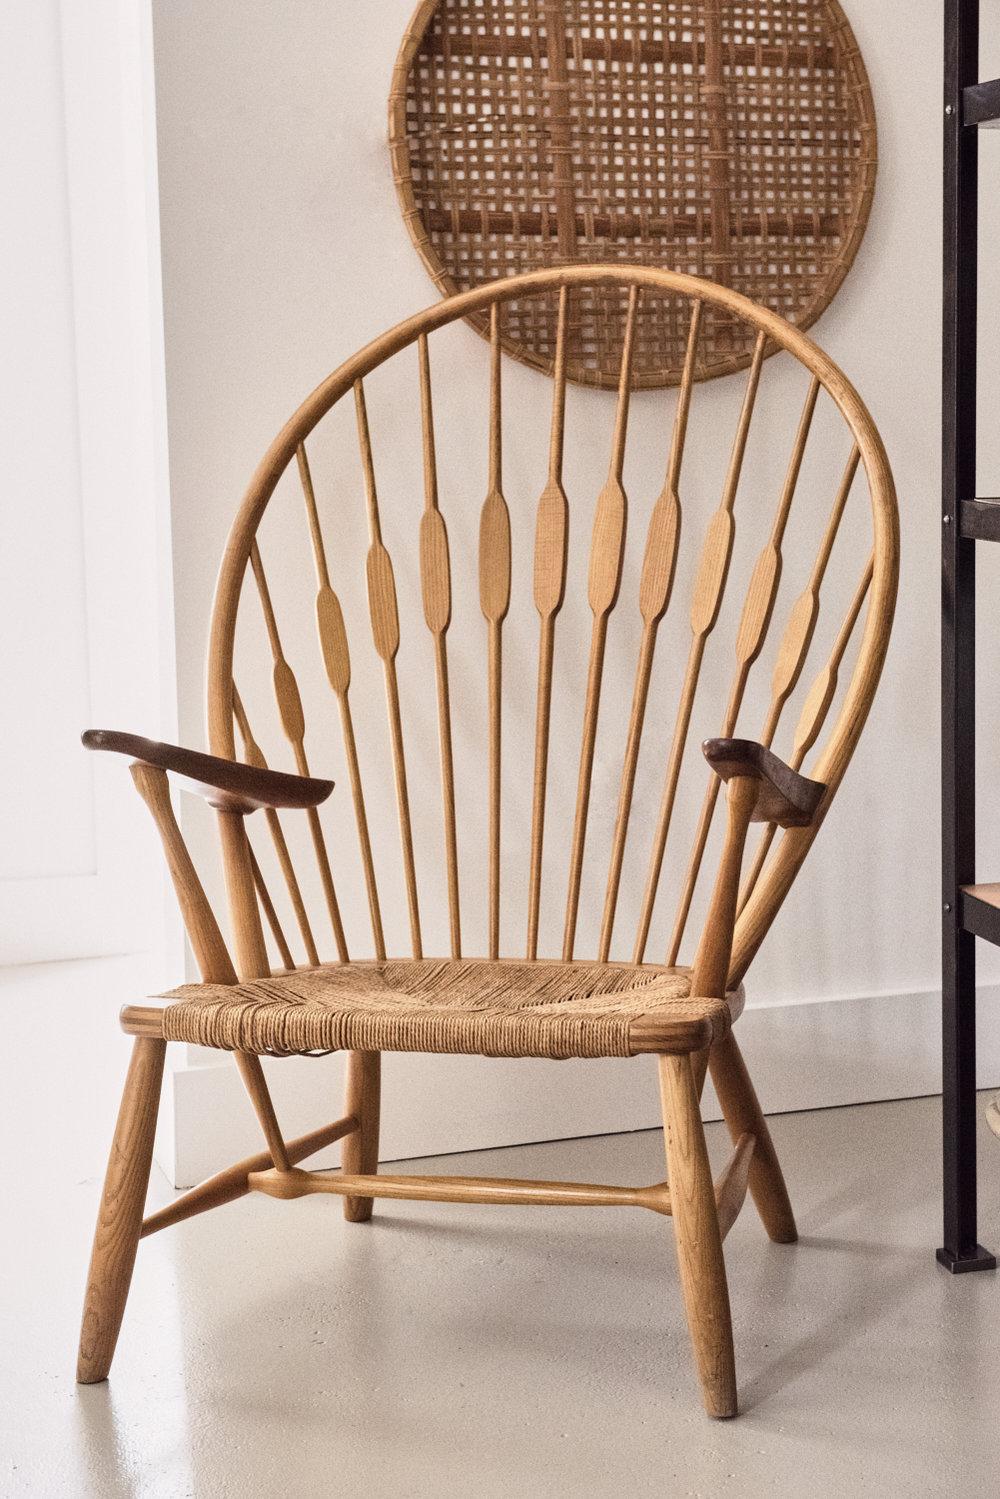 Original Hans J. Wegner peacock chair, Johannes Hansen c. 1947, $4800